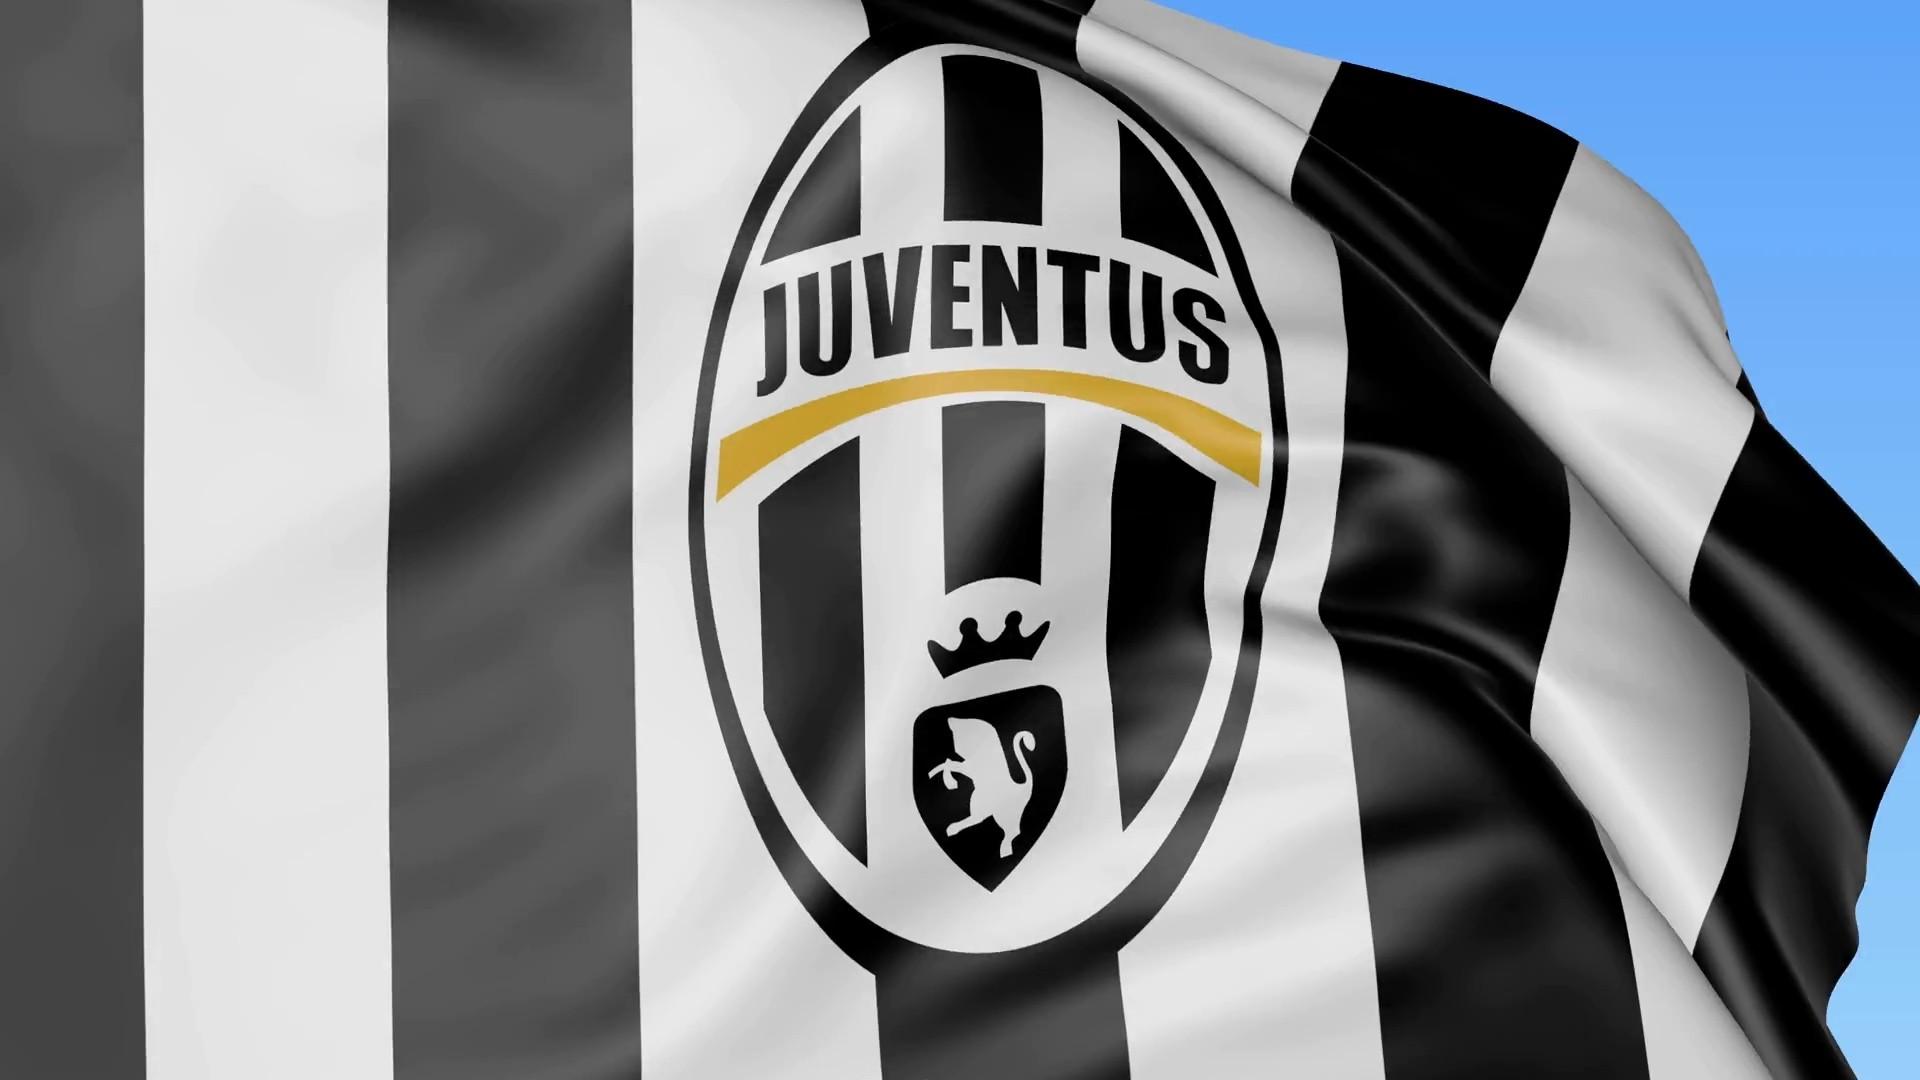 Juventus Wallpaper Picture hd